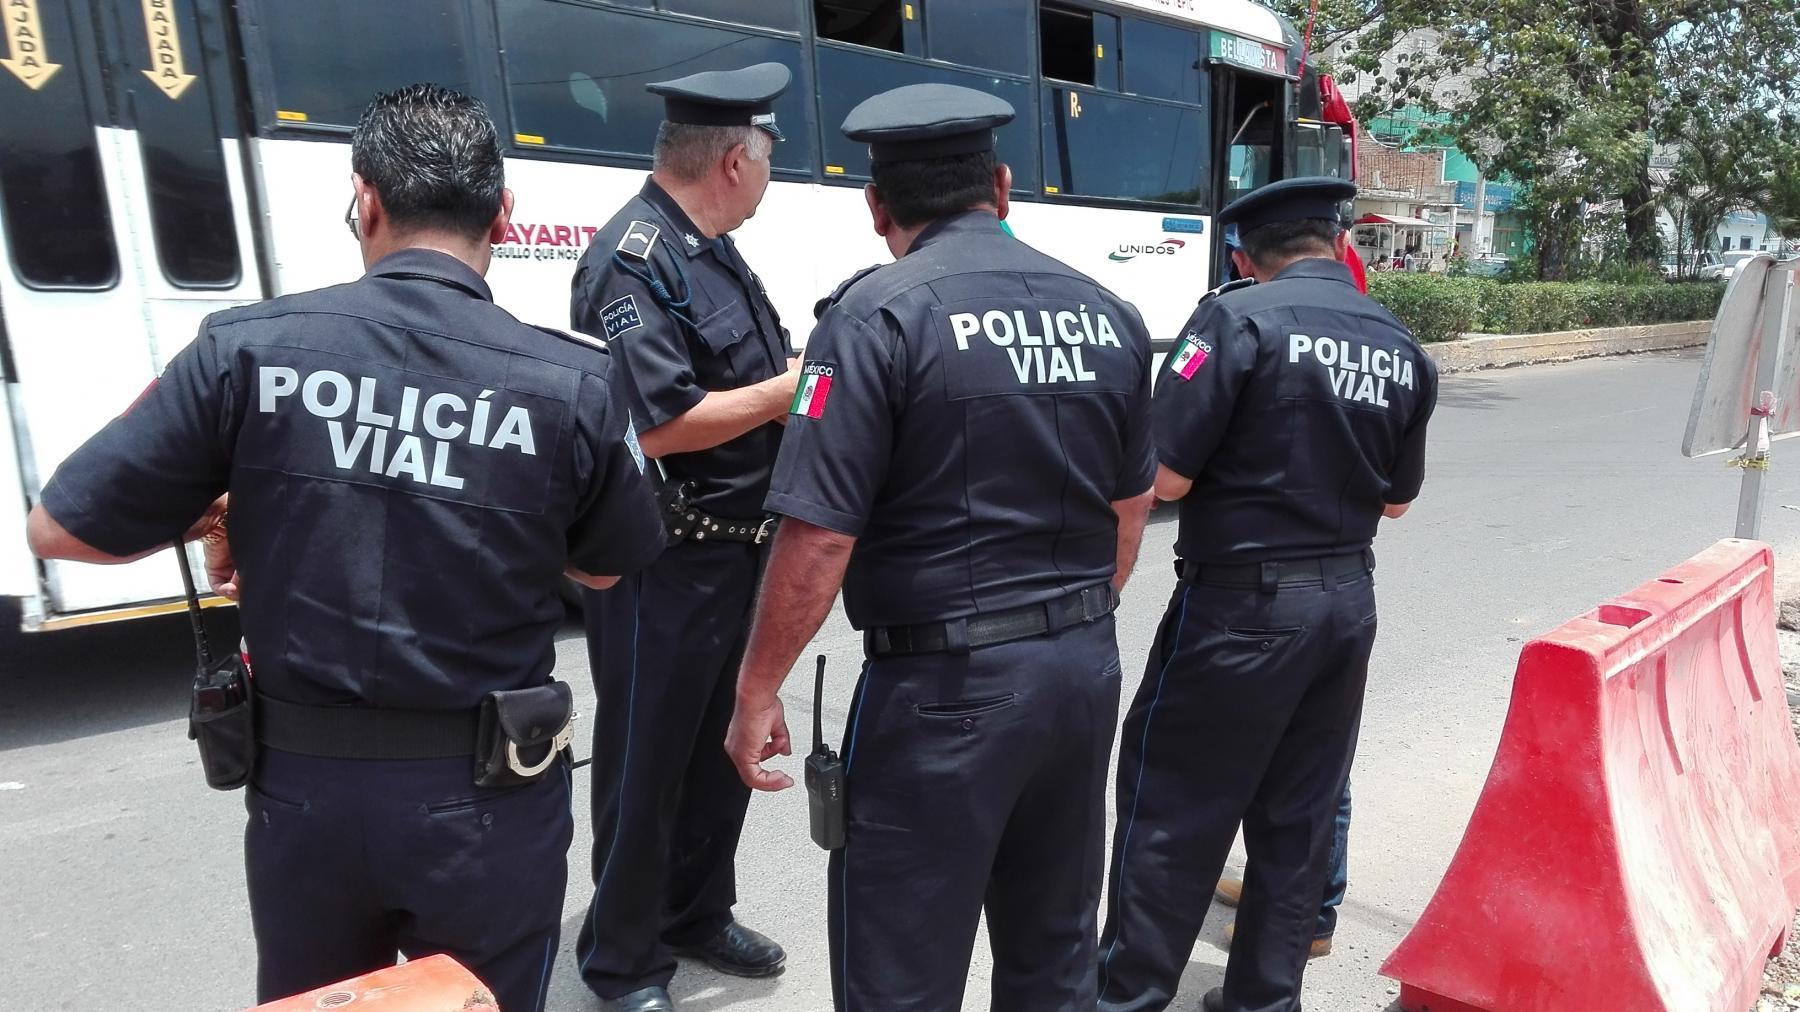 policia vial compostela